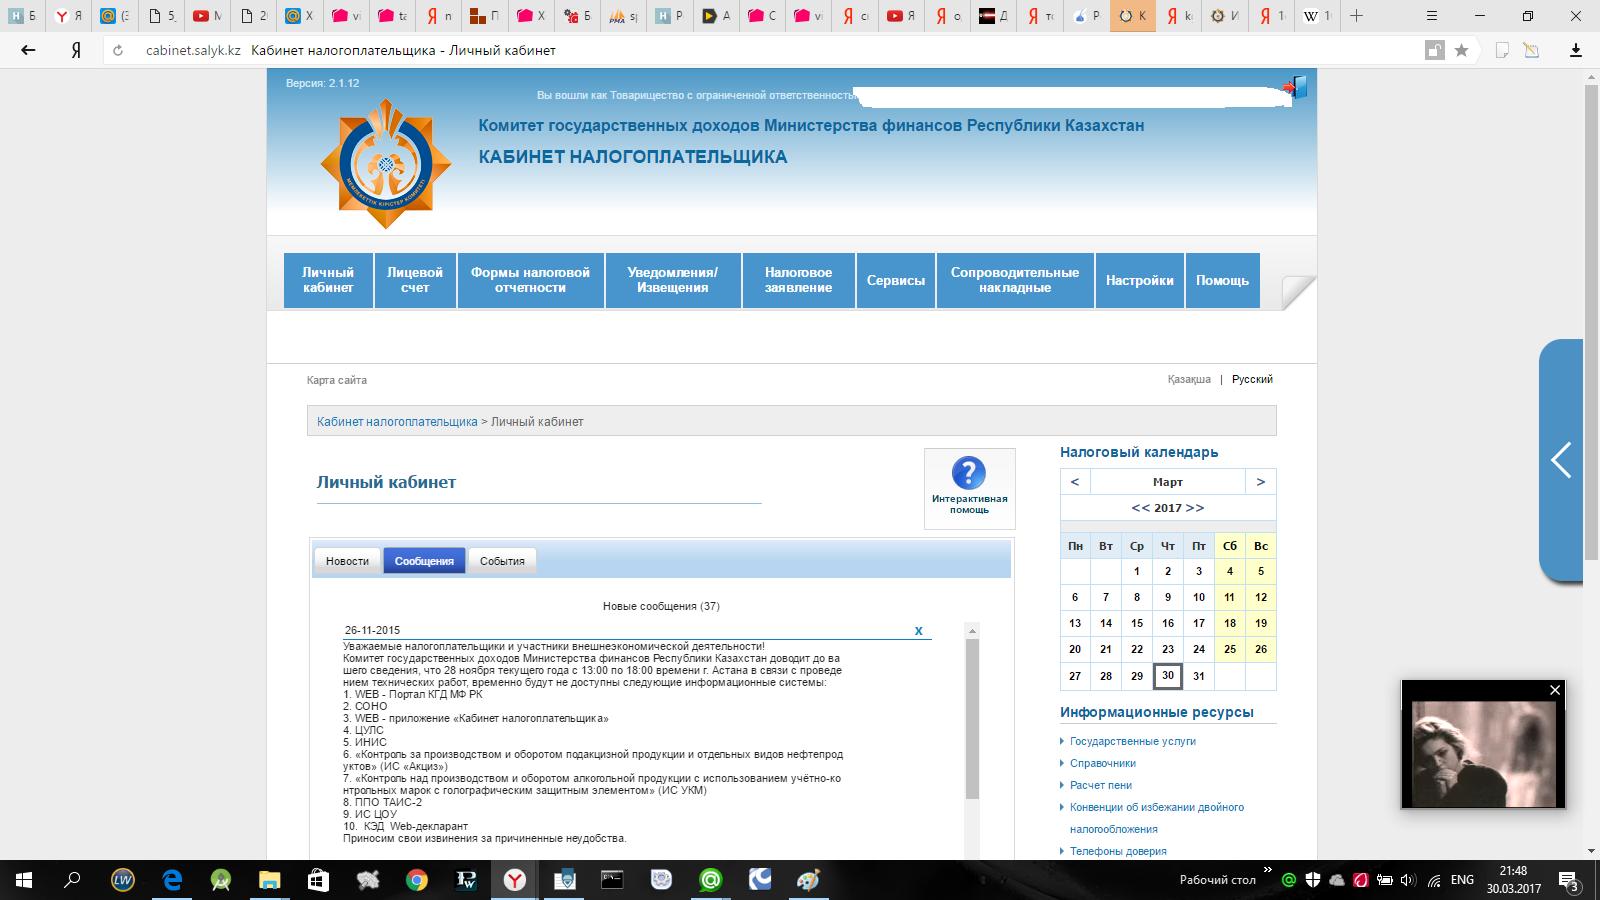 Казахстан: Как я помогал сдать 100 форму налоговой отчетности. Начало 200 форма - 1